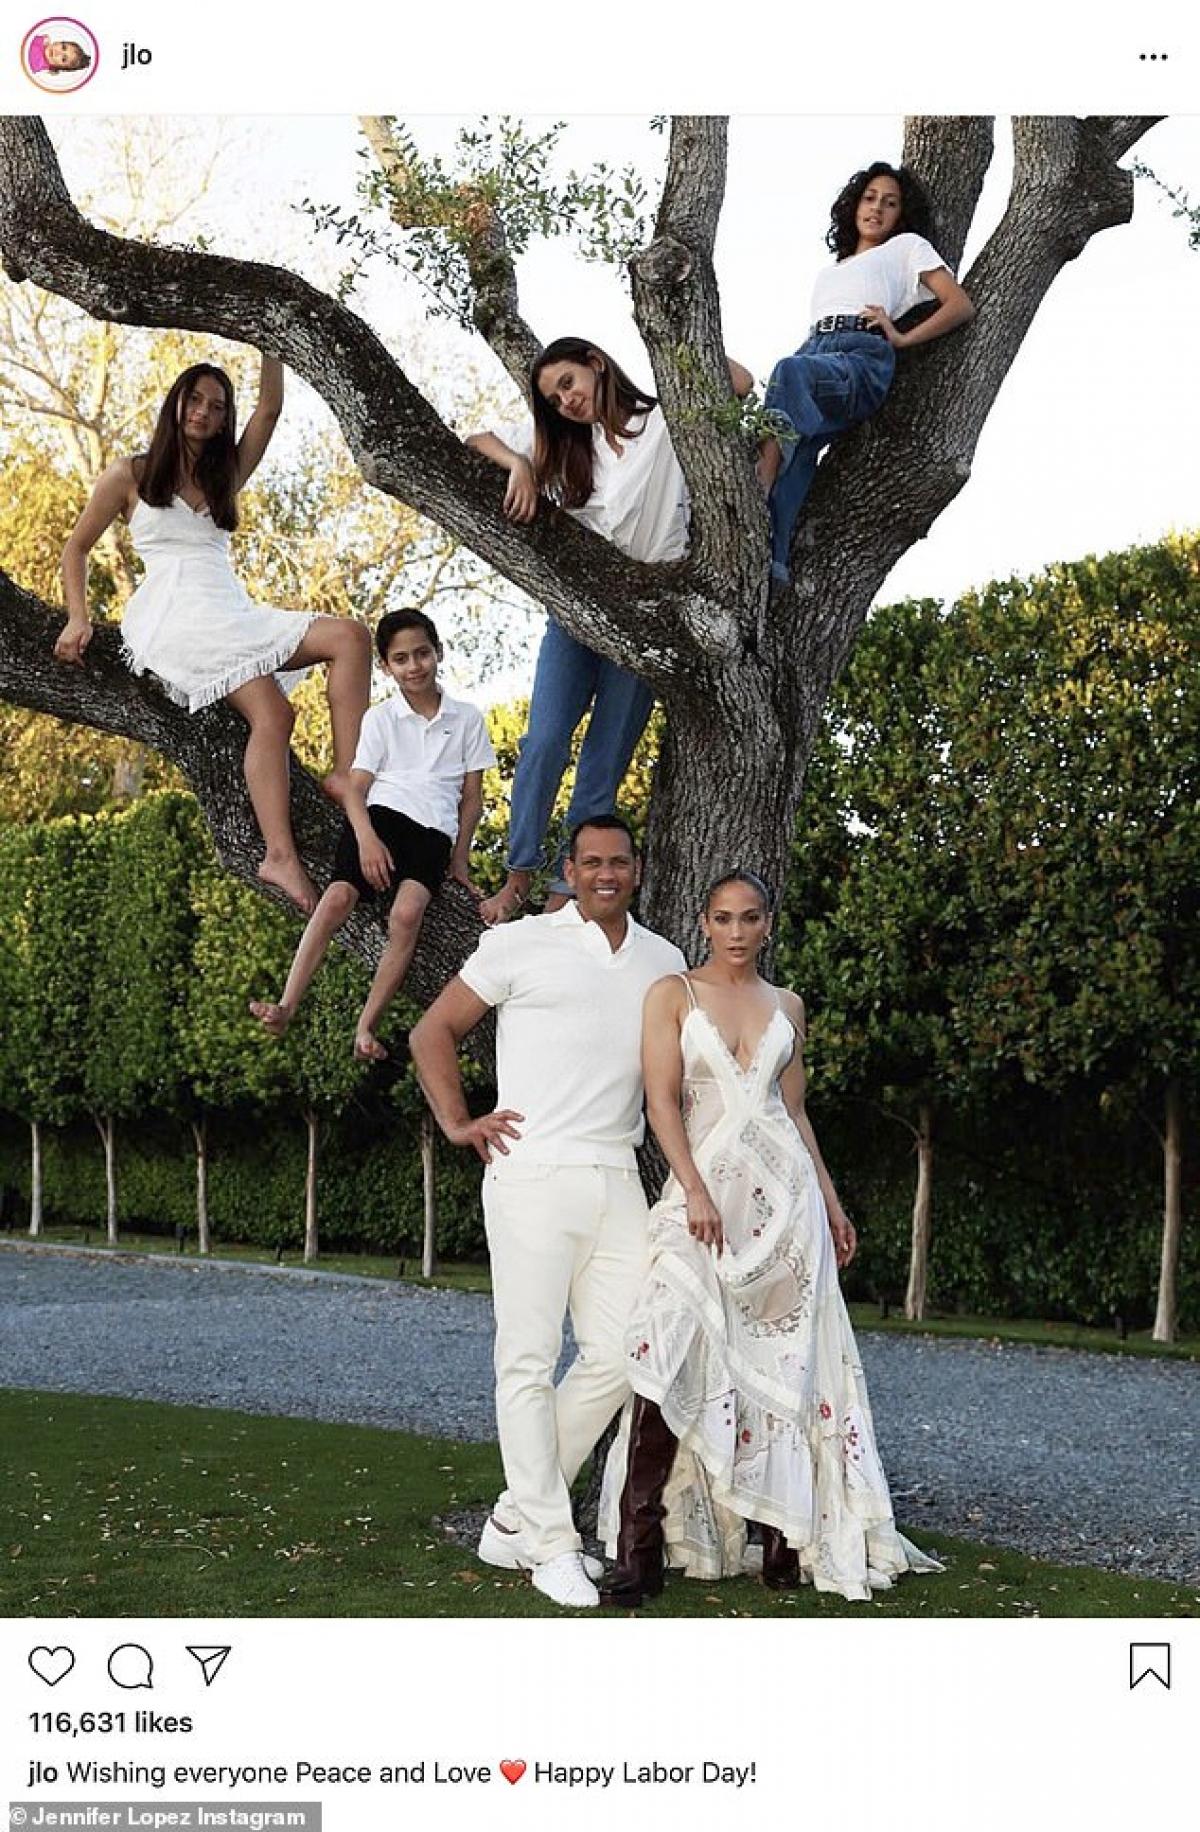 Nhân ngày lễ Lao động Mỹ (7/9) trước đó, gia đình Jennifer Lopez chụp ảnh kỷ niệm cùng nhau.